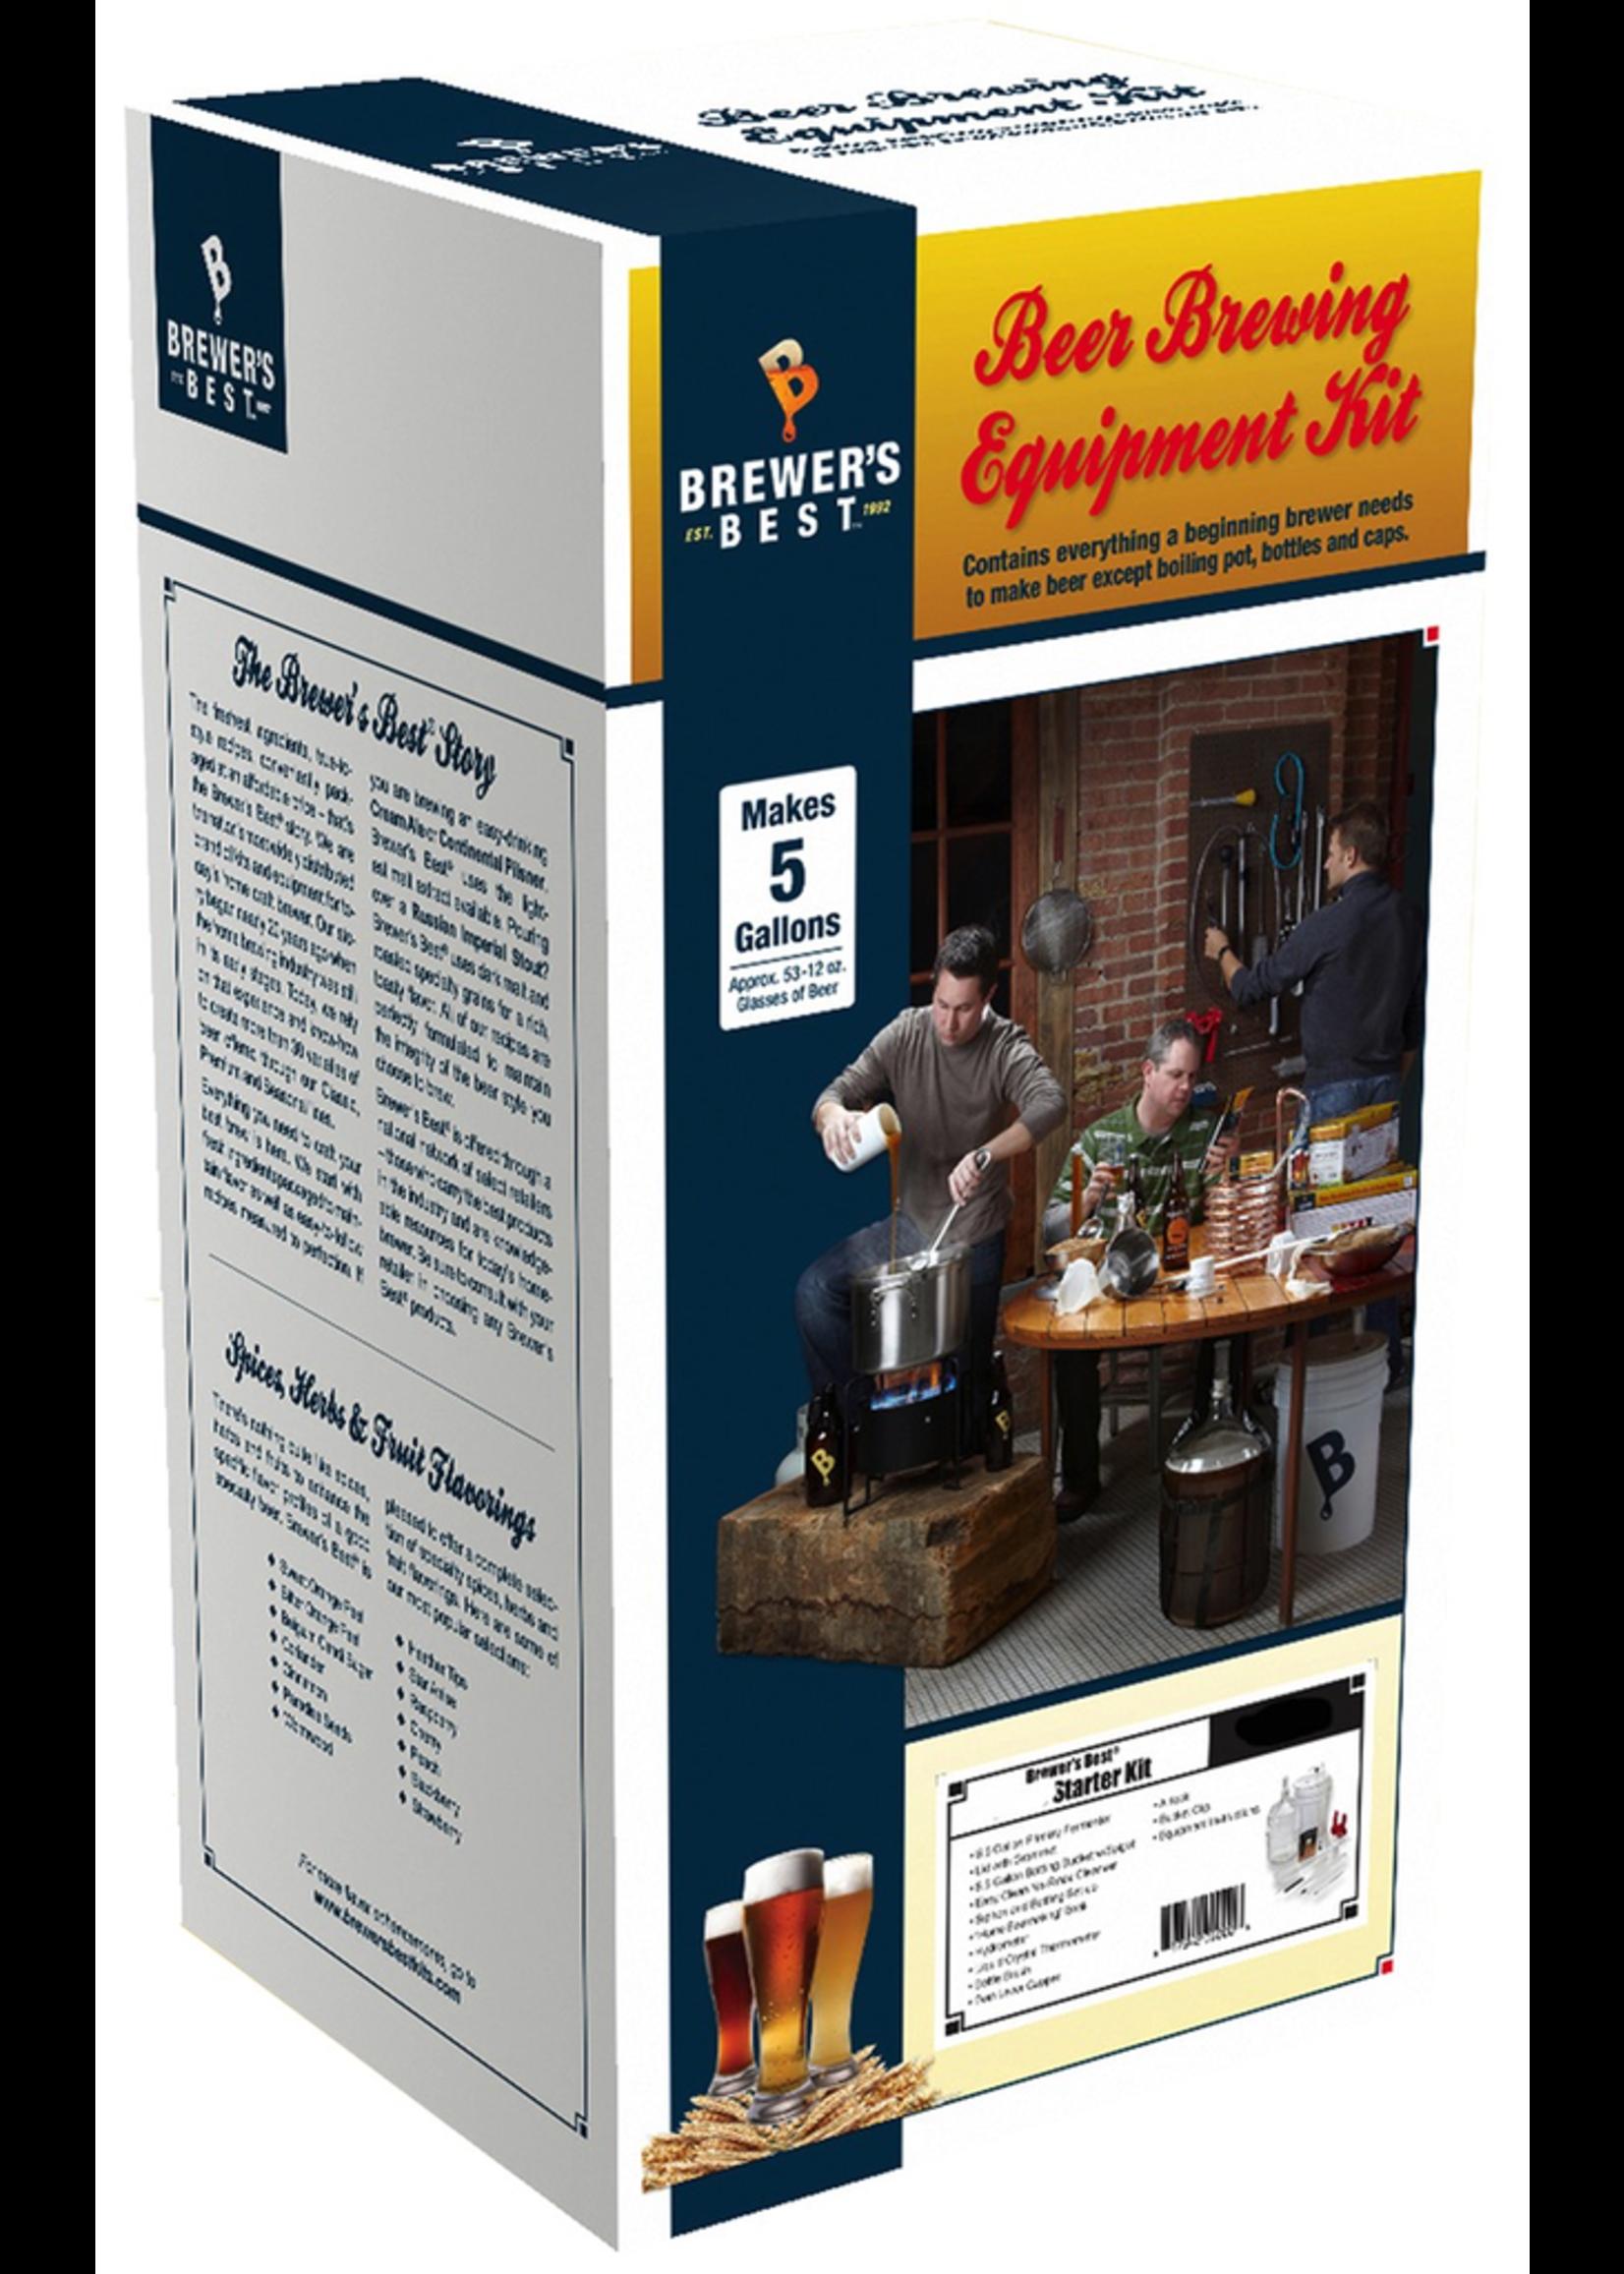 Brewing Brewer's Beast Equipment Kit